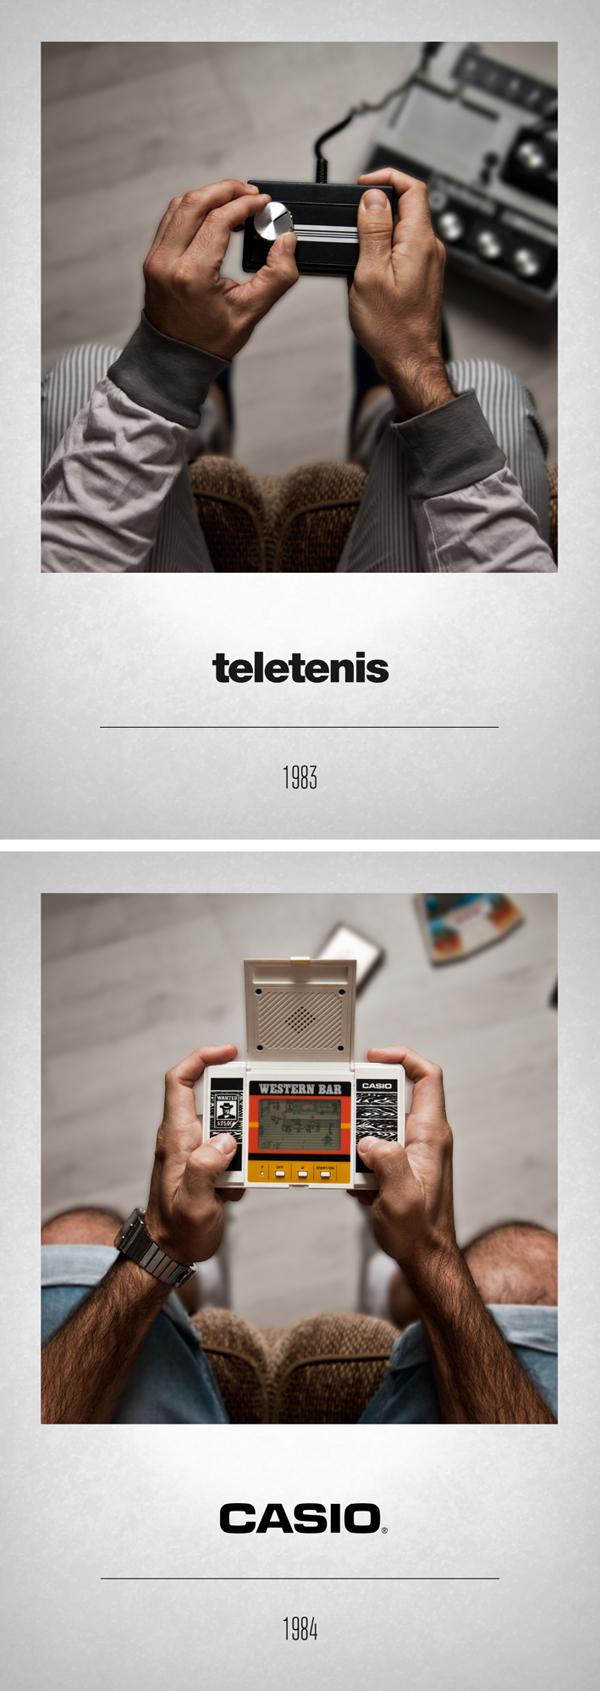 Teletenis 1983 – Casio 1984